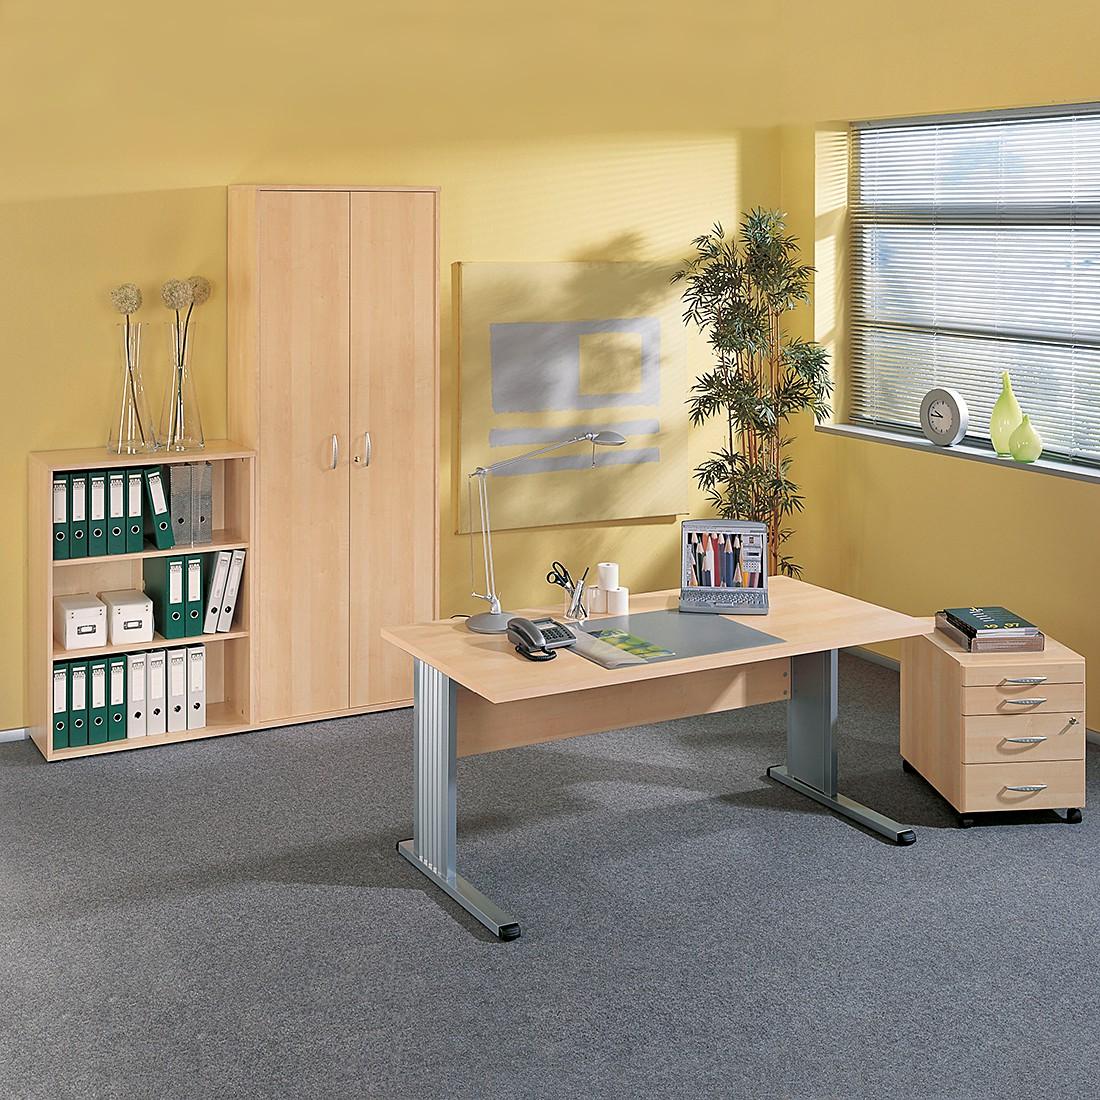 Home 24 - Mobilier de bureau pontus plus (4 éléments) - imitation érable, wellemöbel